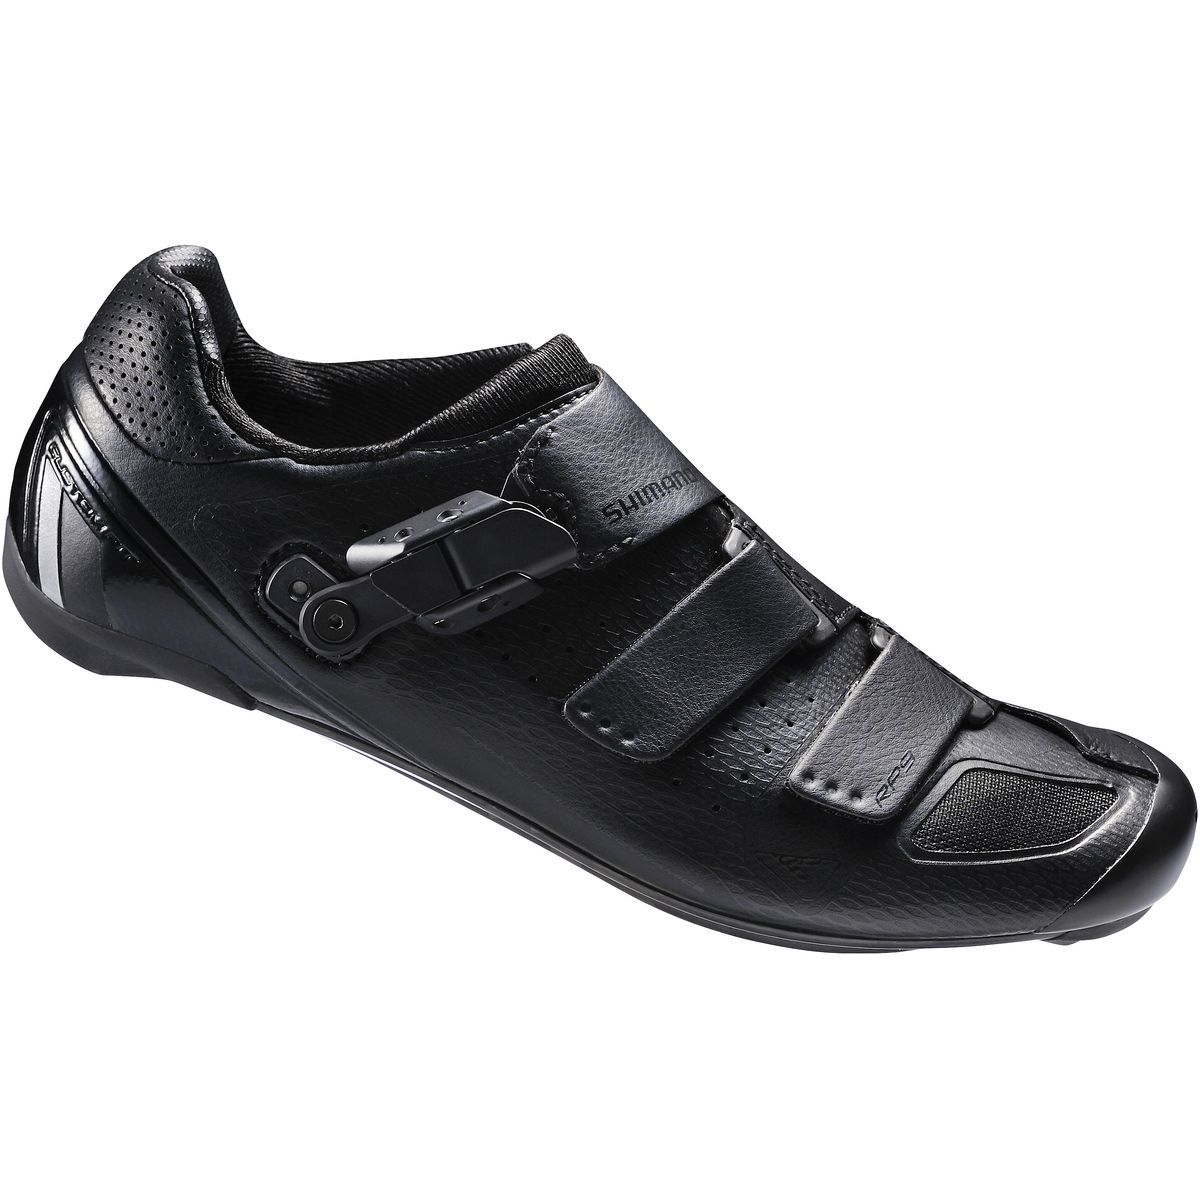 Shimano Sh Rp9 Wide Cycling Shoe Men S Cycling Shoes Men Cycling Shoes Women Road Cycling Shoes